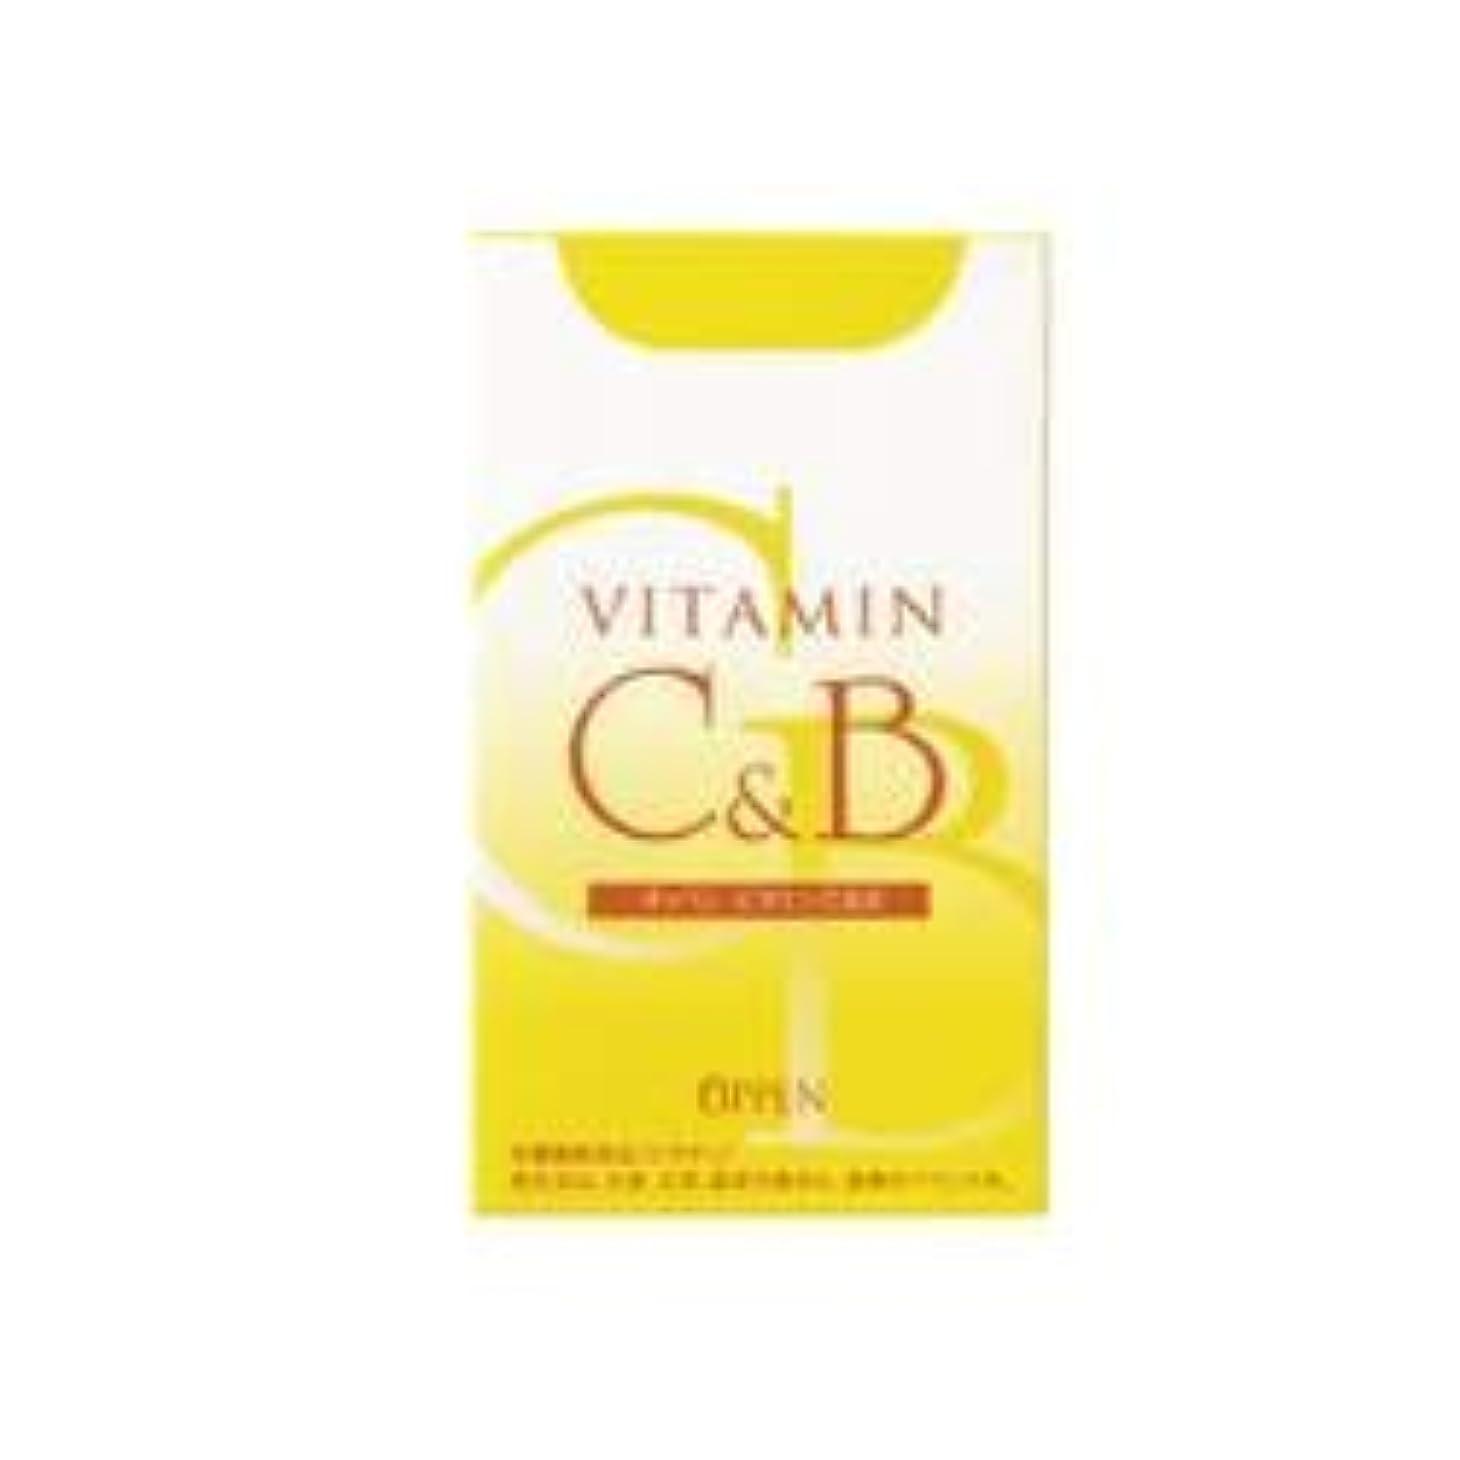 方程式よく話されるブレースオッペン ヘルスフード ビタミンC&B(60包×3箱入)